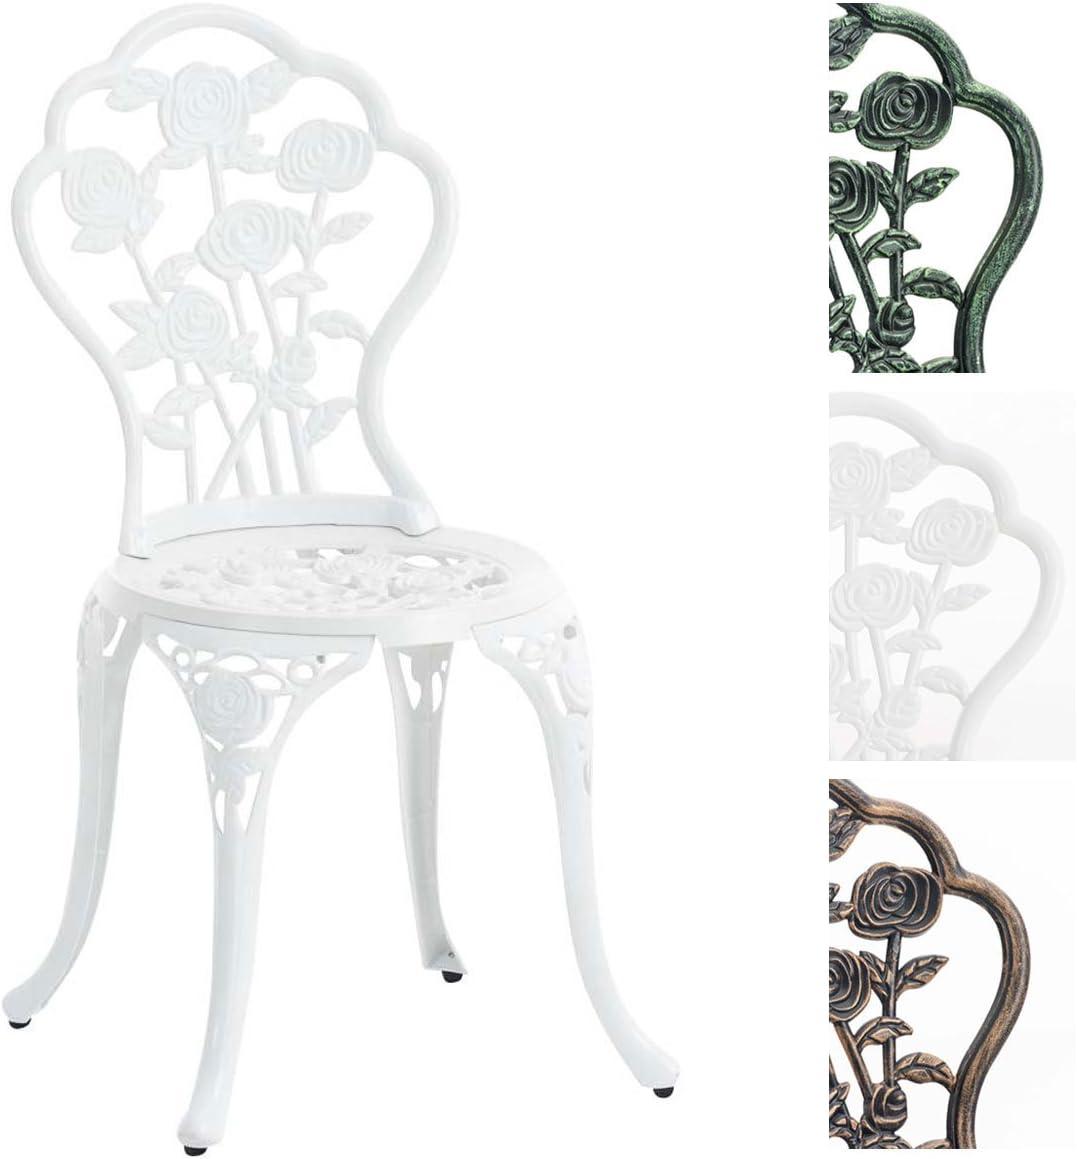 CLP Silla de exterior Sharma. Silla metálica con un diseño floral. soporta un peso máximo de 136 kg. blanco: Amazon.es: Jardín